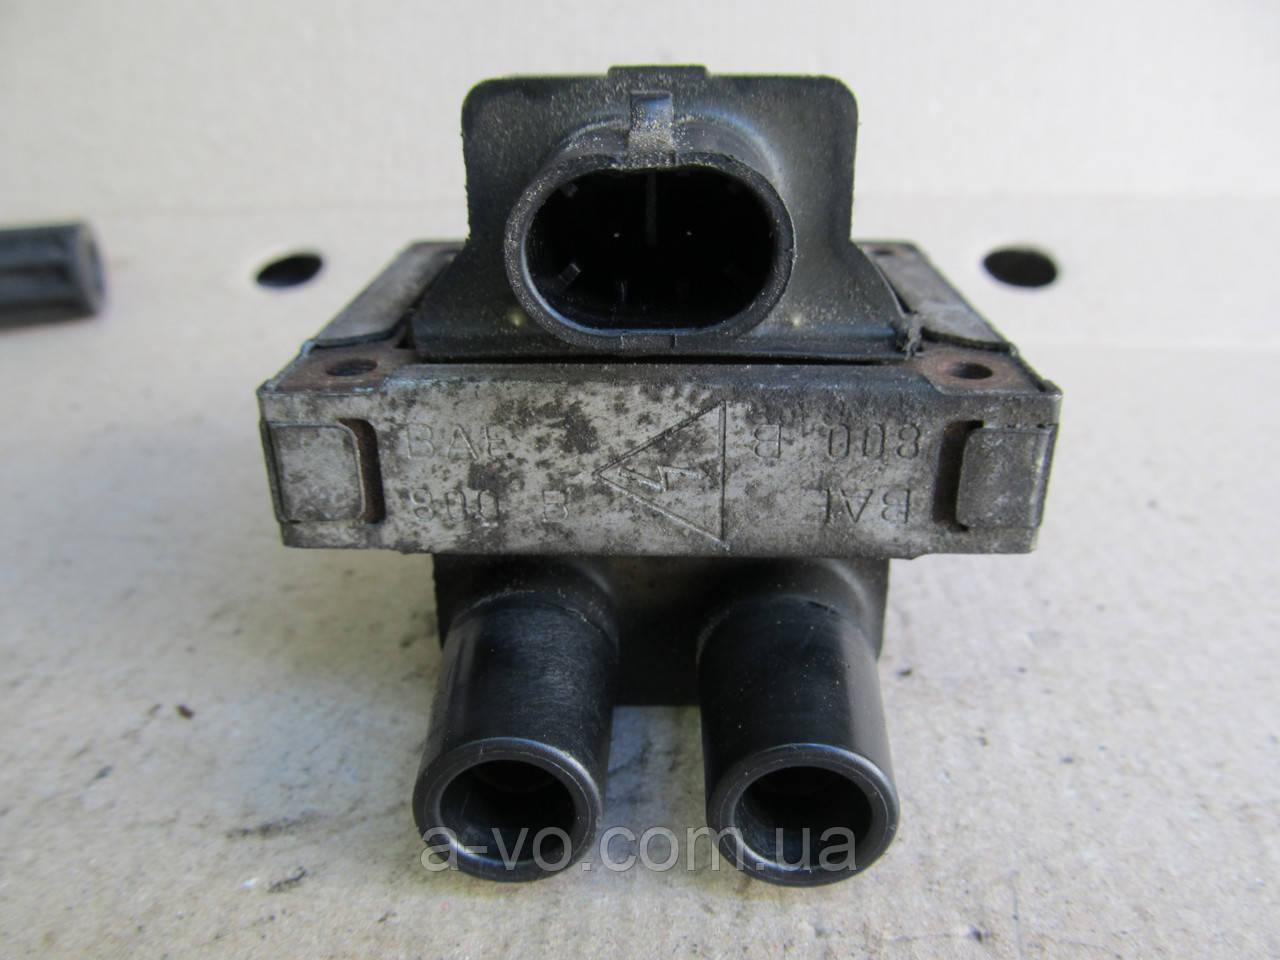 Катушка зажигания Fiat Doblo Panda Punto 2 Palio Lancia Delta 1 2 Thema 1.0 1.1 1.2 1.4